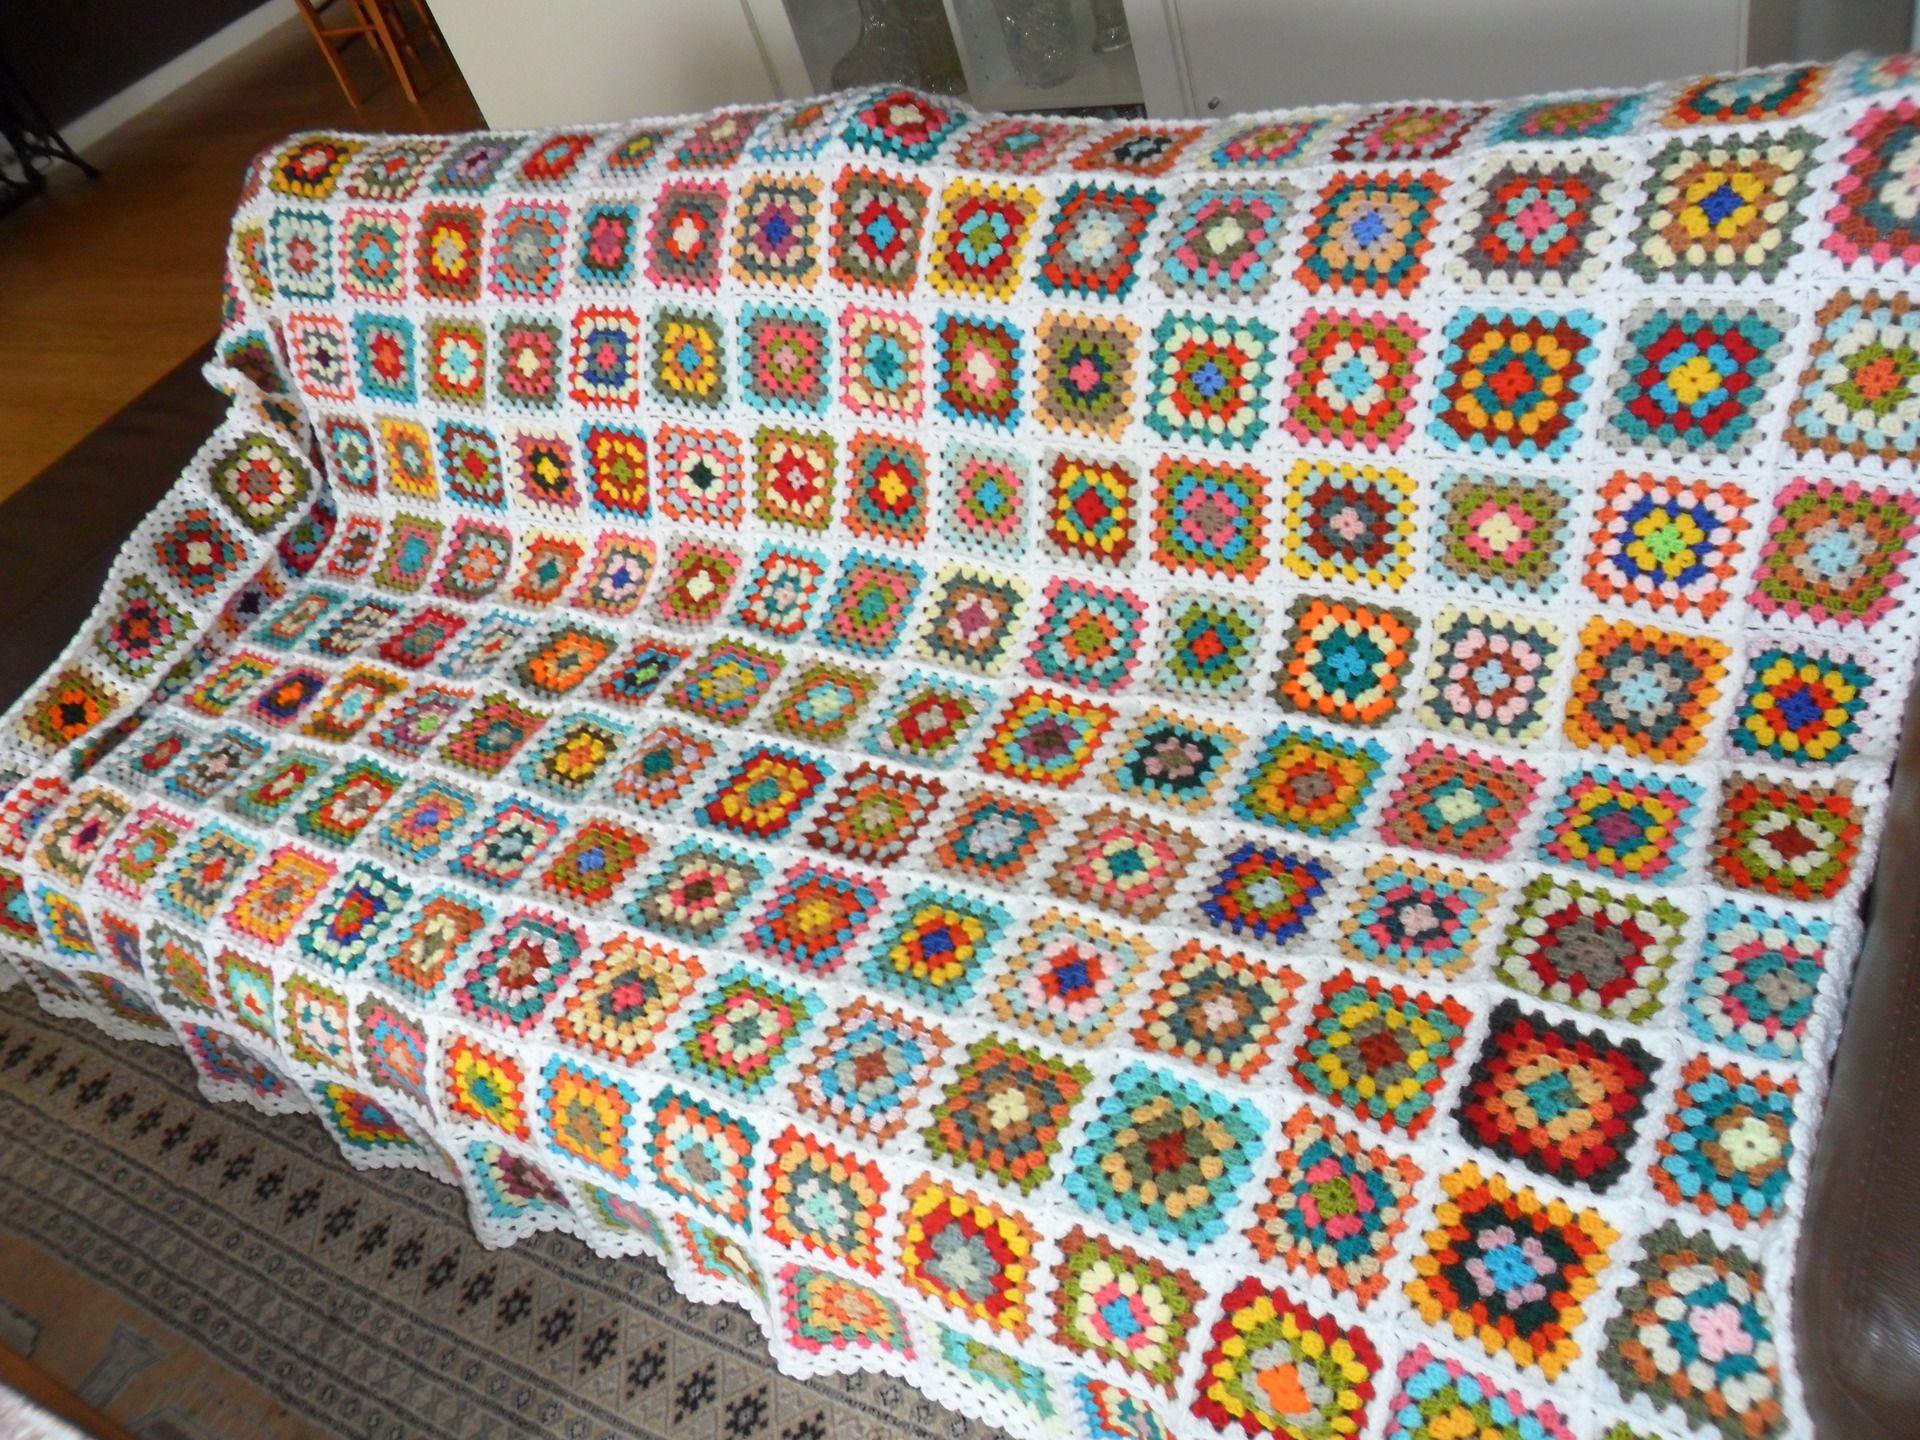 couverture de laine en crochet arc en ciel textiles et tapis par michka feemainpassionnement. Black Bedroom Furniture Sets. Home Design Ideas